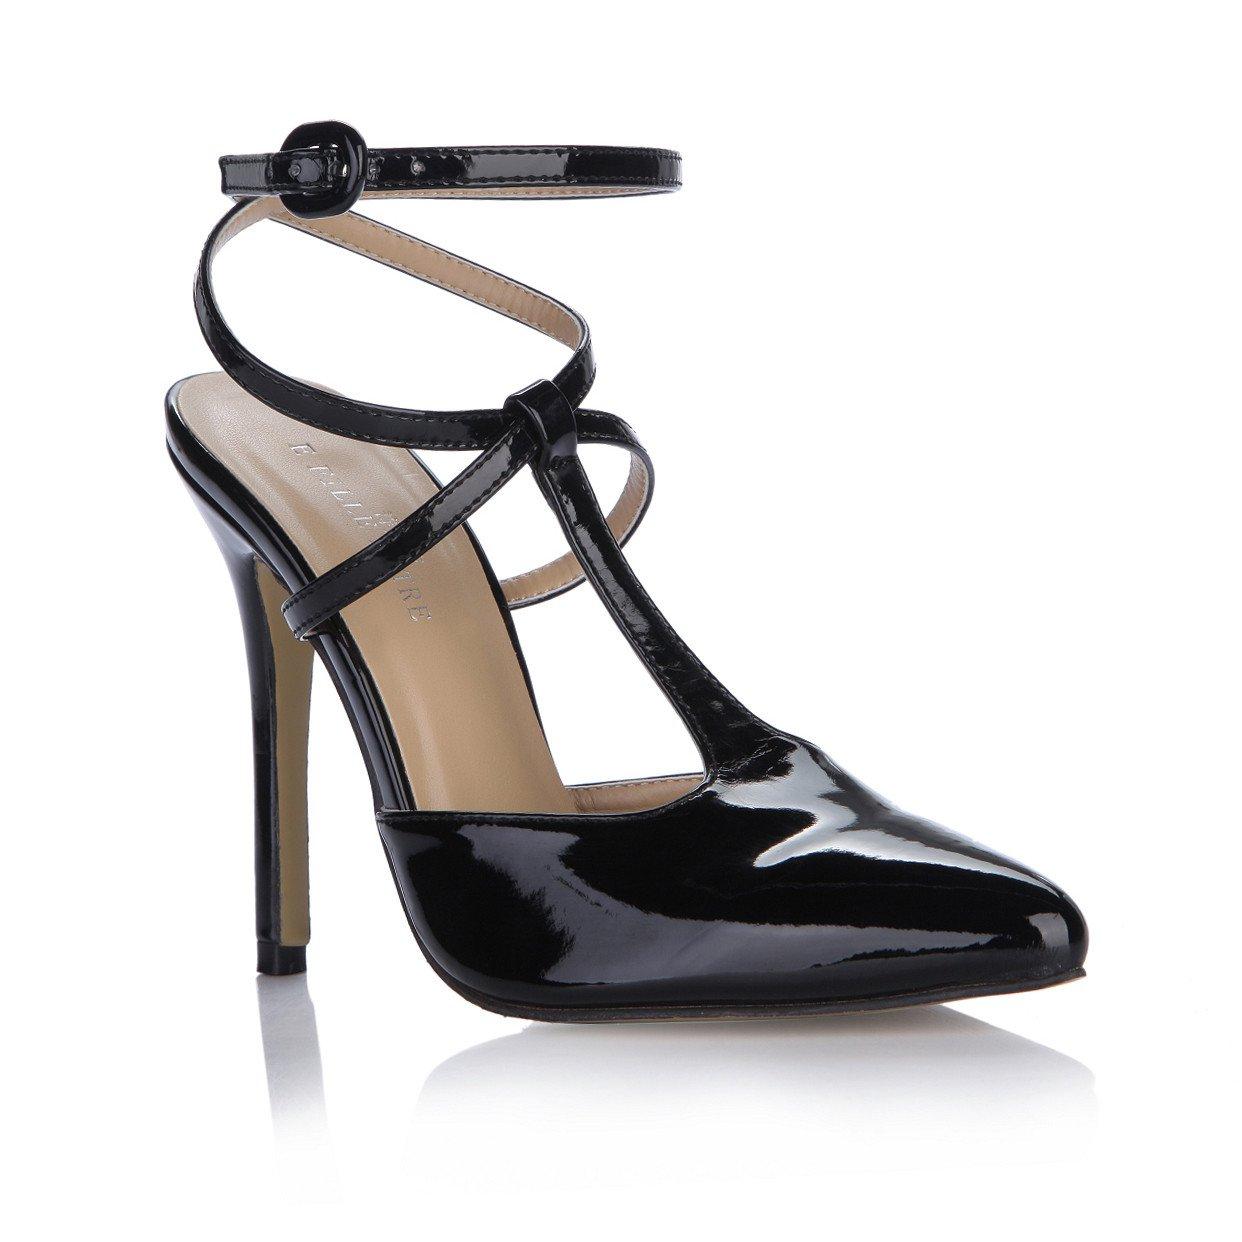 Stilvolle neue weibliche Sandalen jährliche Sitzungen, die in den Leder high-heel Schuhe maximalen mit Schwarz lackiertem Leder den Schuh Punkte schwarz 745a98